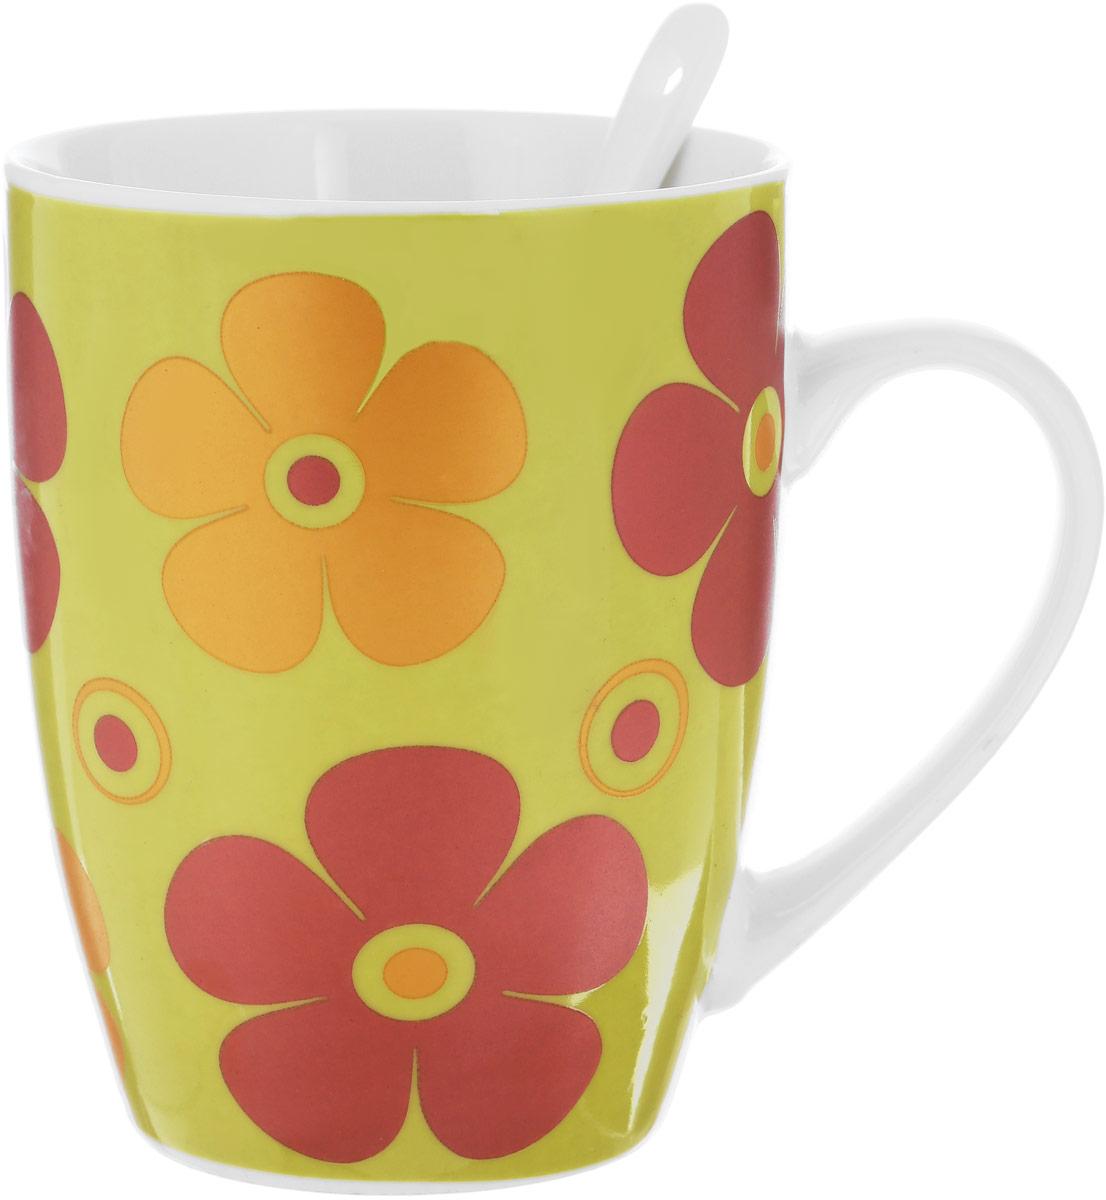 Кружка Доляна Радуга цветов, с ложкой, цвет: оливковый, 300 мл кружка доляна радуга цвет желтый белый 300 мл